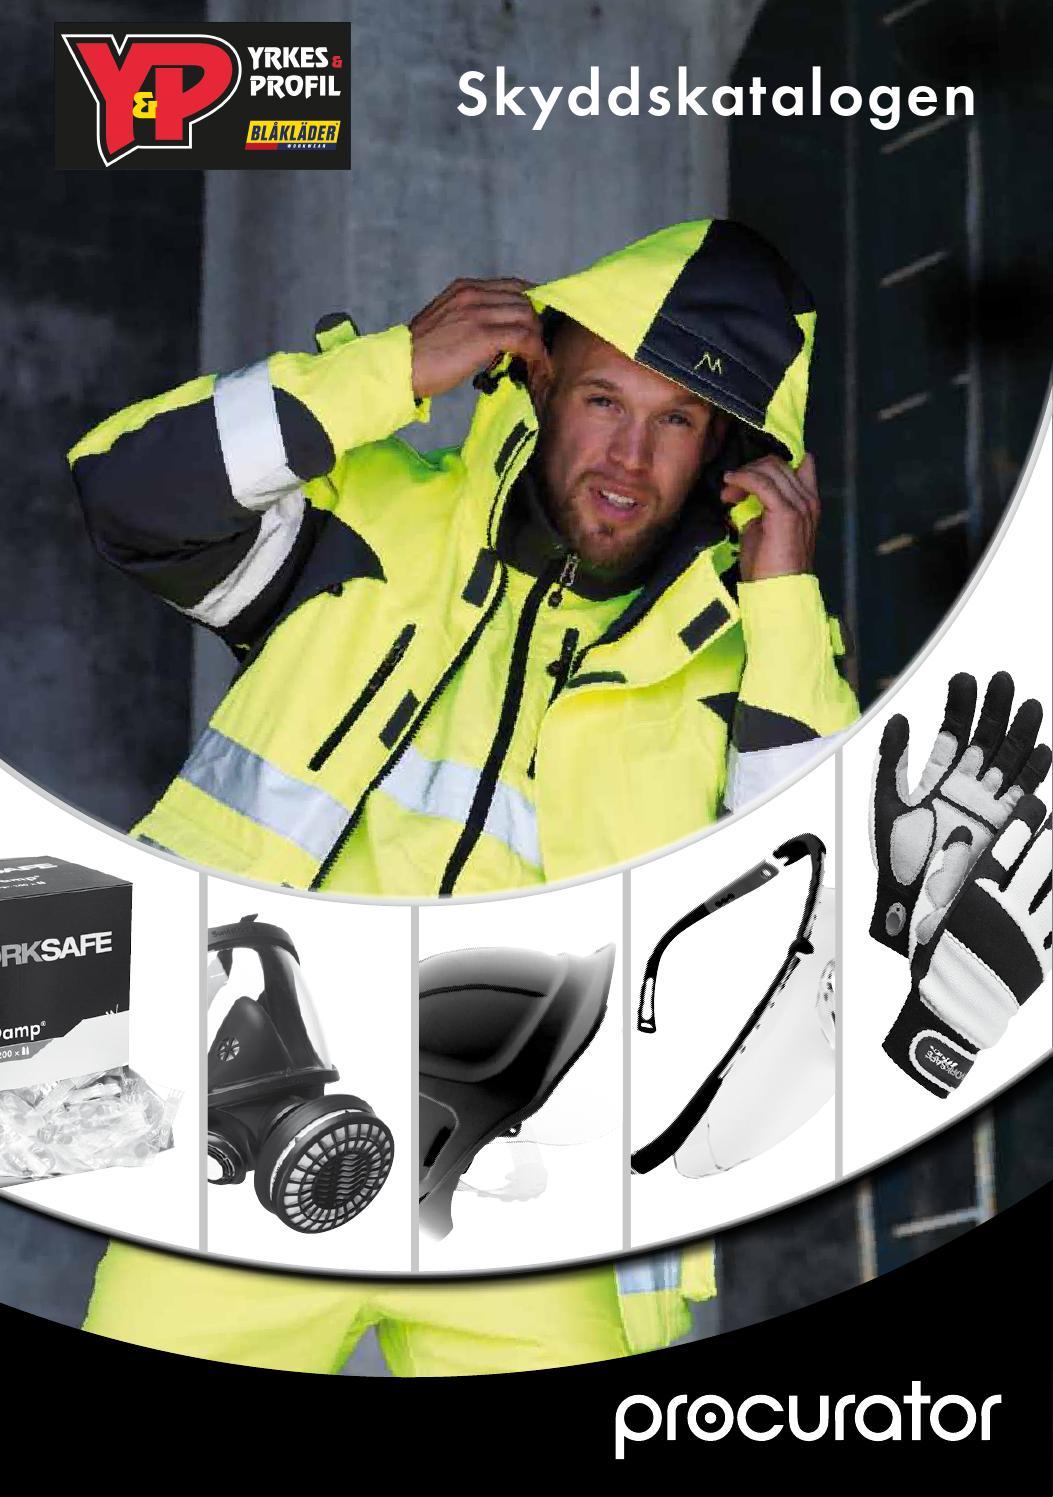 0f9e403a0d7 Procurator skyddskatalogen by Yrkes & Profilkläder - issuu